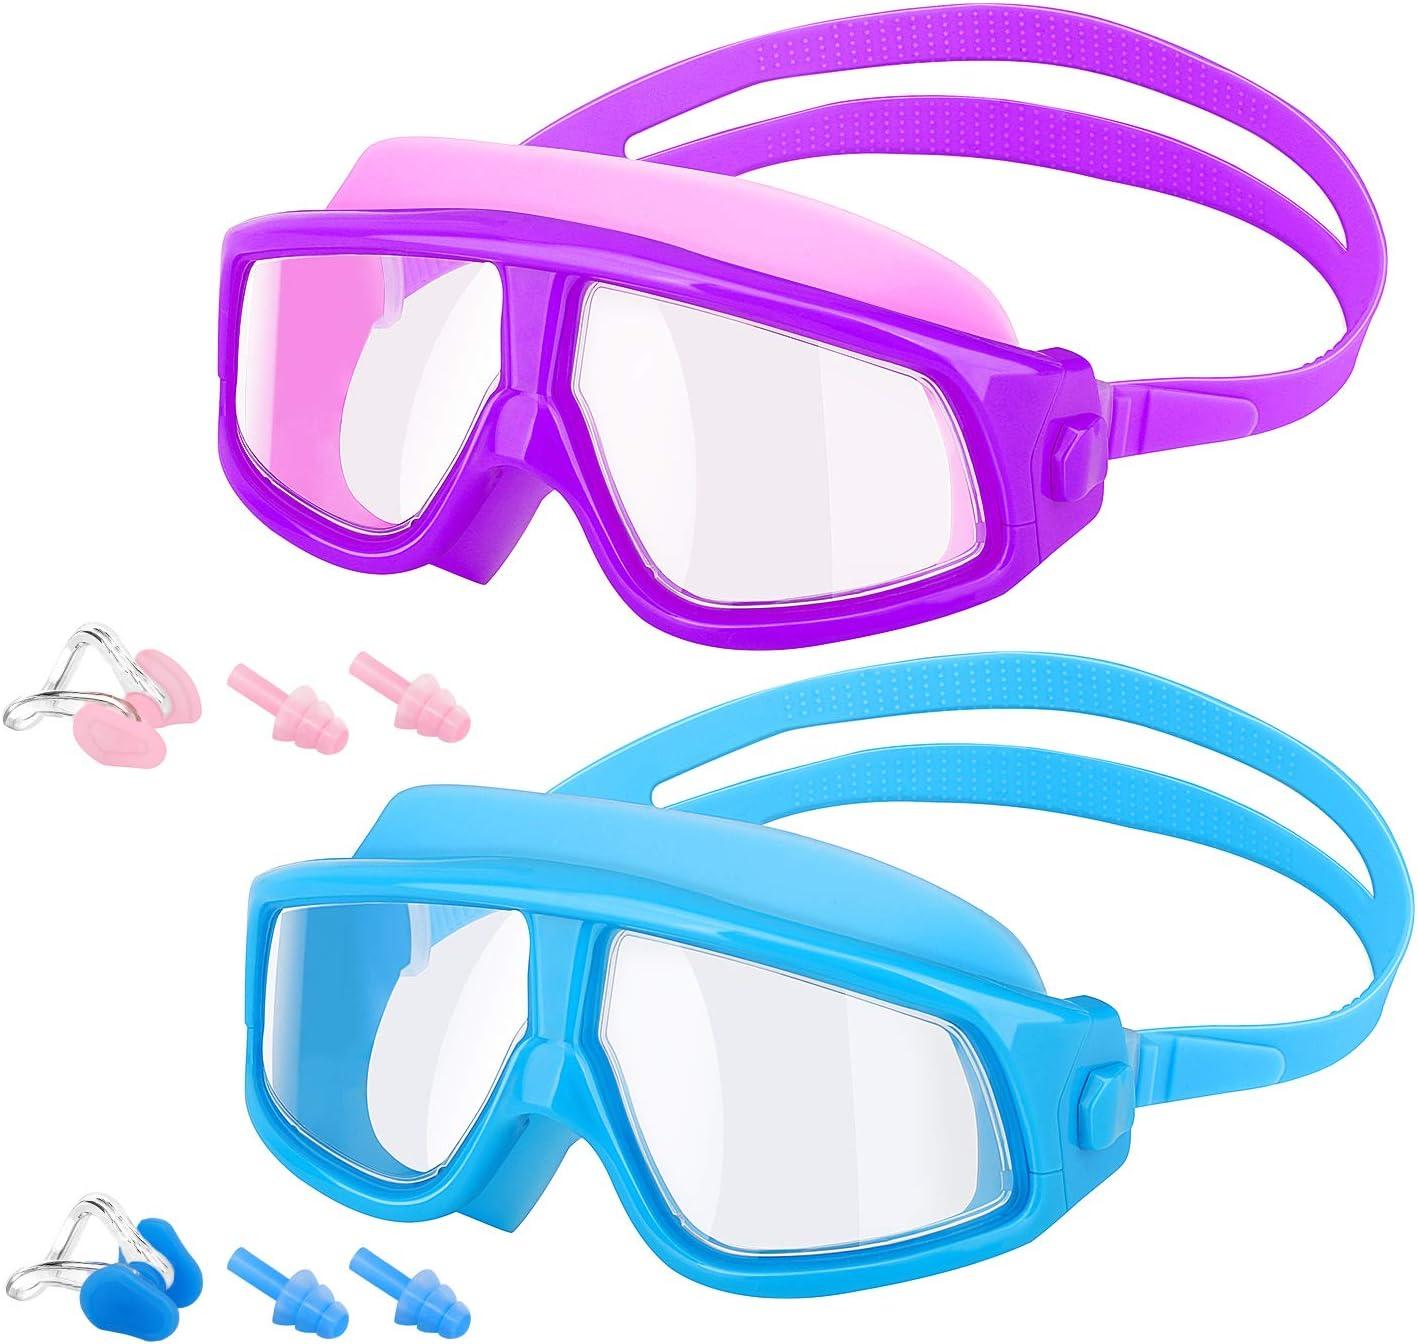 MoKo [2PZS Gafas de Natación para Niños con Protección Anti-vaho UV Sin Fugas de Visión Amplia Transparente con Tapones para Los Oídos y Pinzas para la Nariz